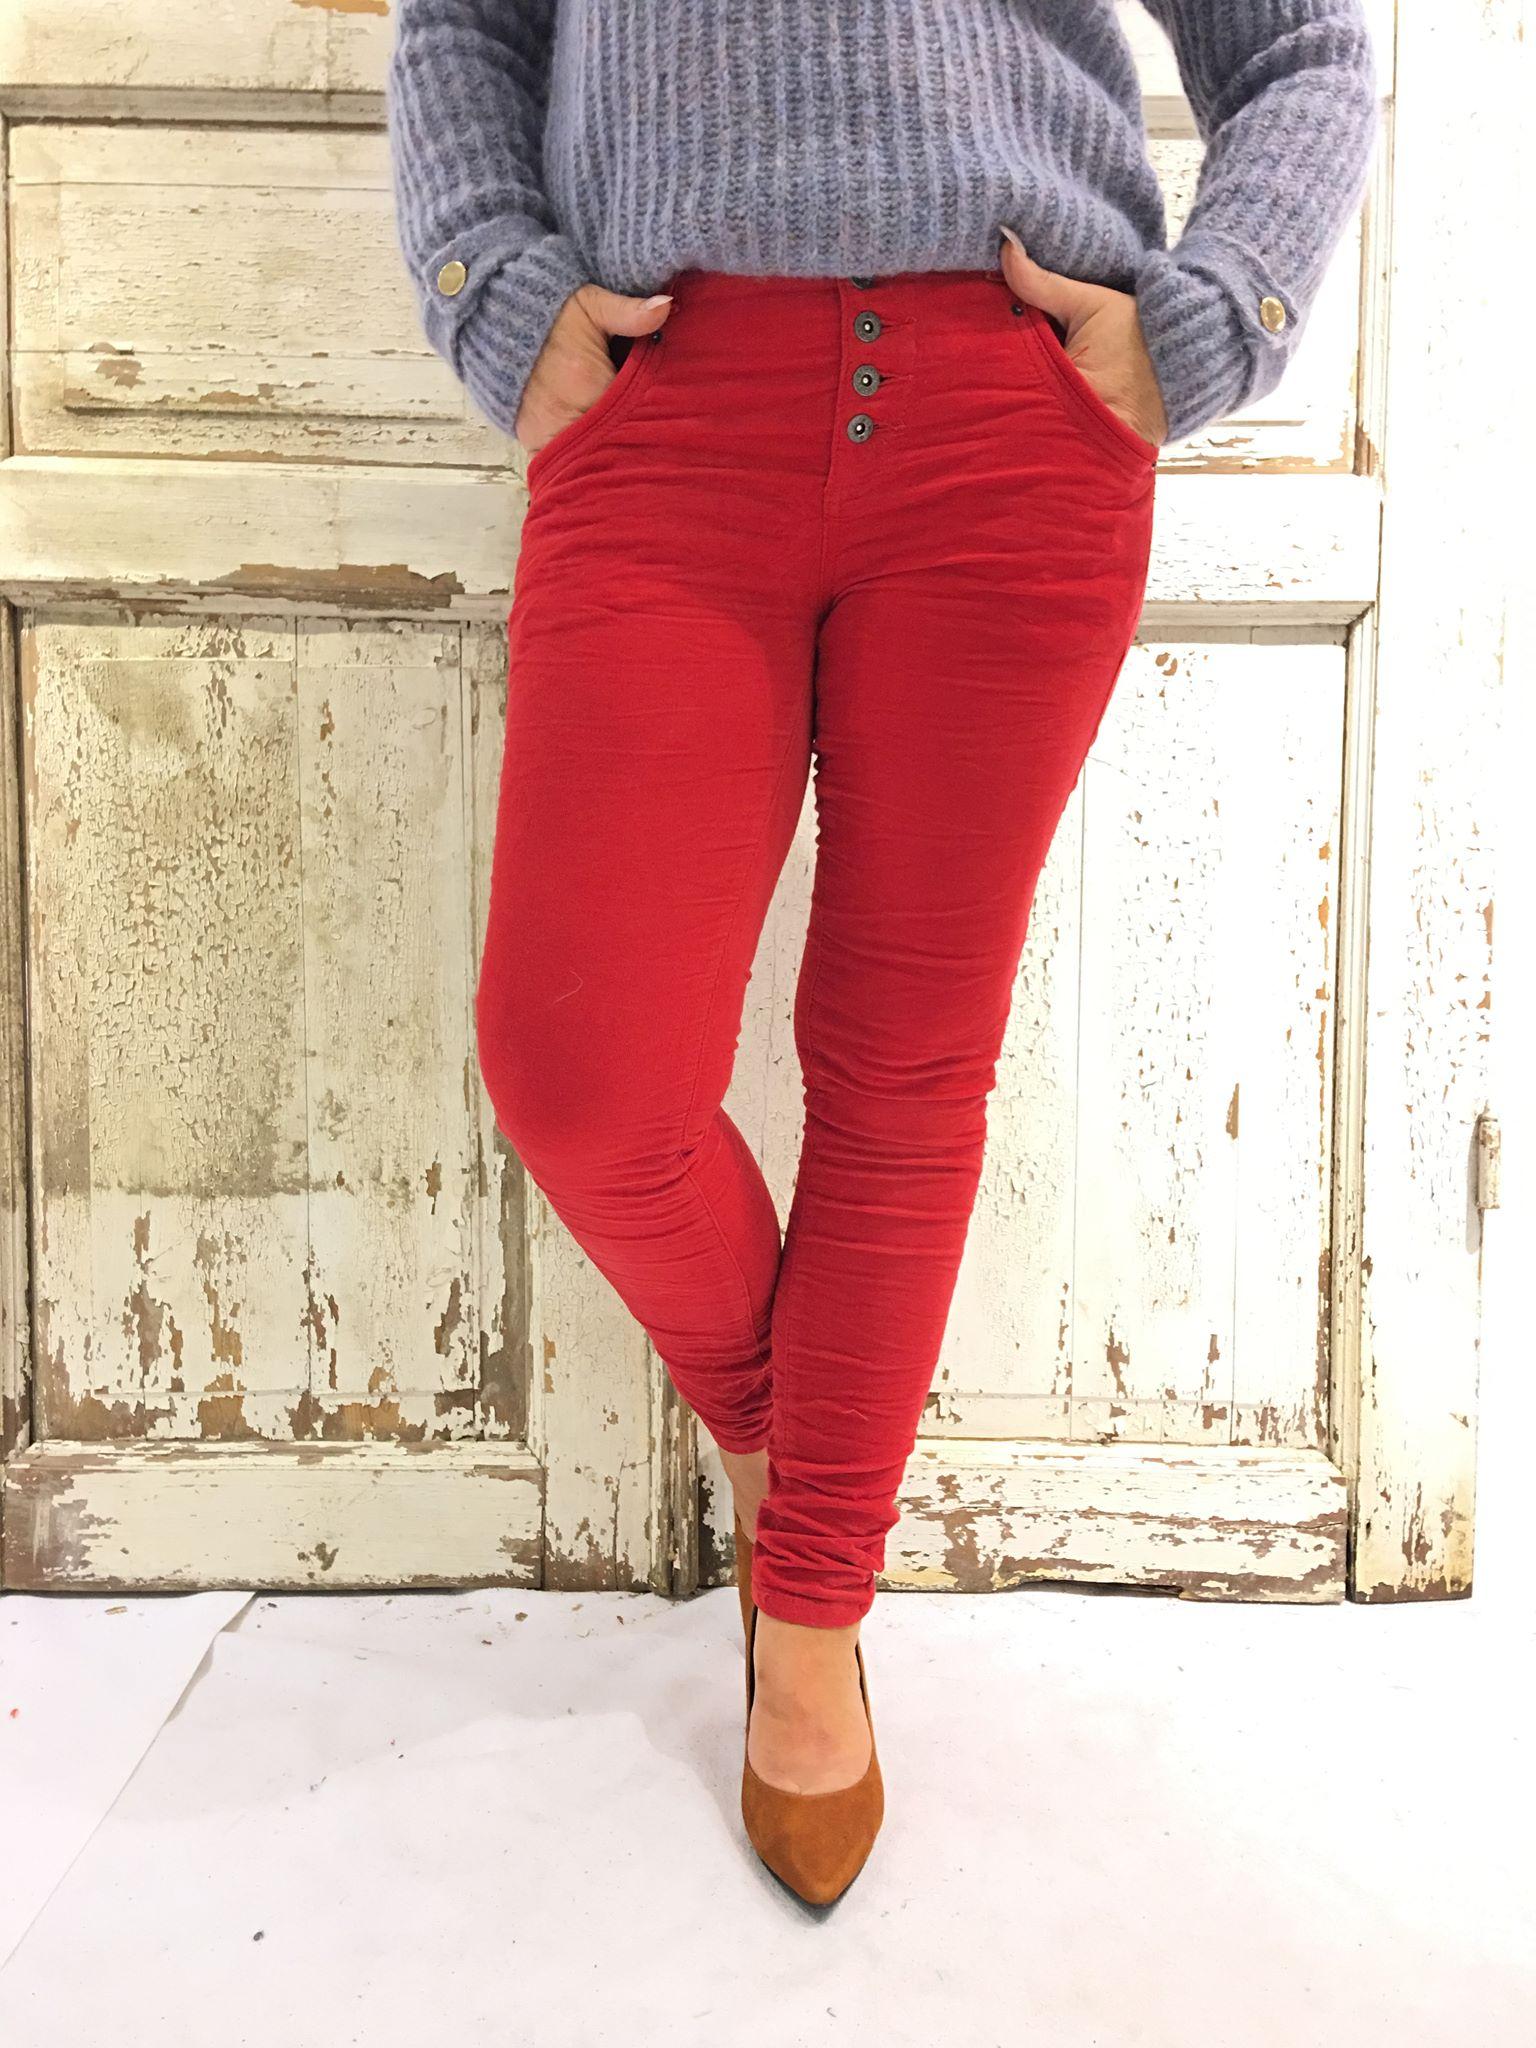 90e3d15d Bianco bukse i rød cord, rød bukse fra Bianco i velour, Biancobukse